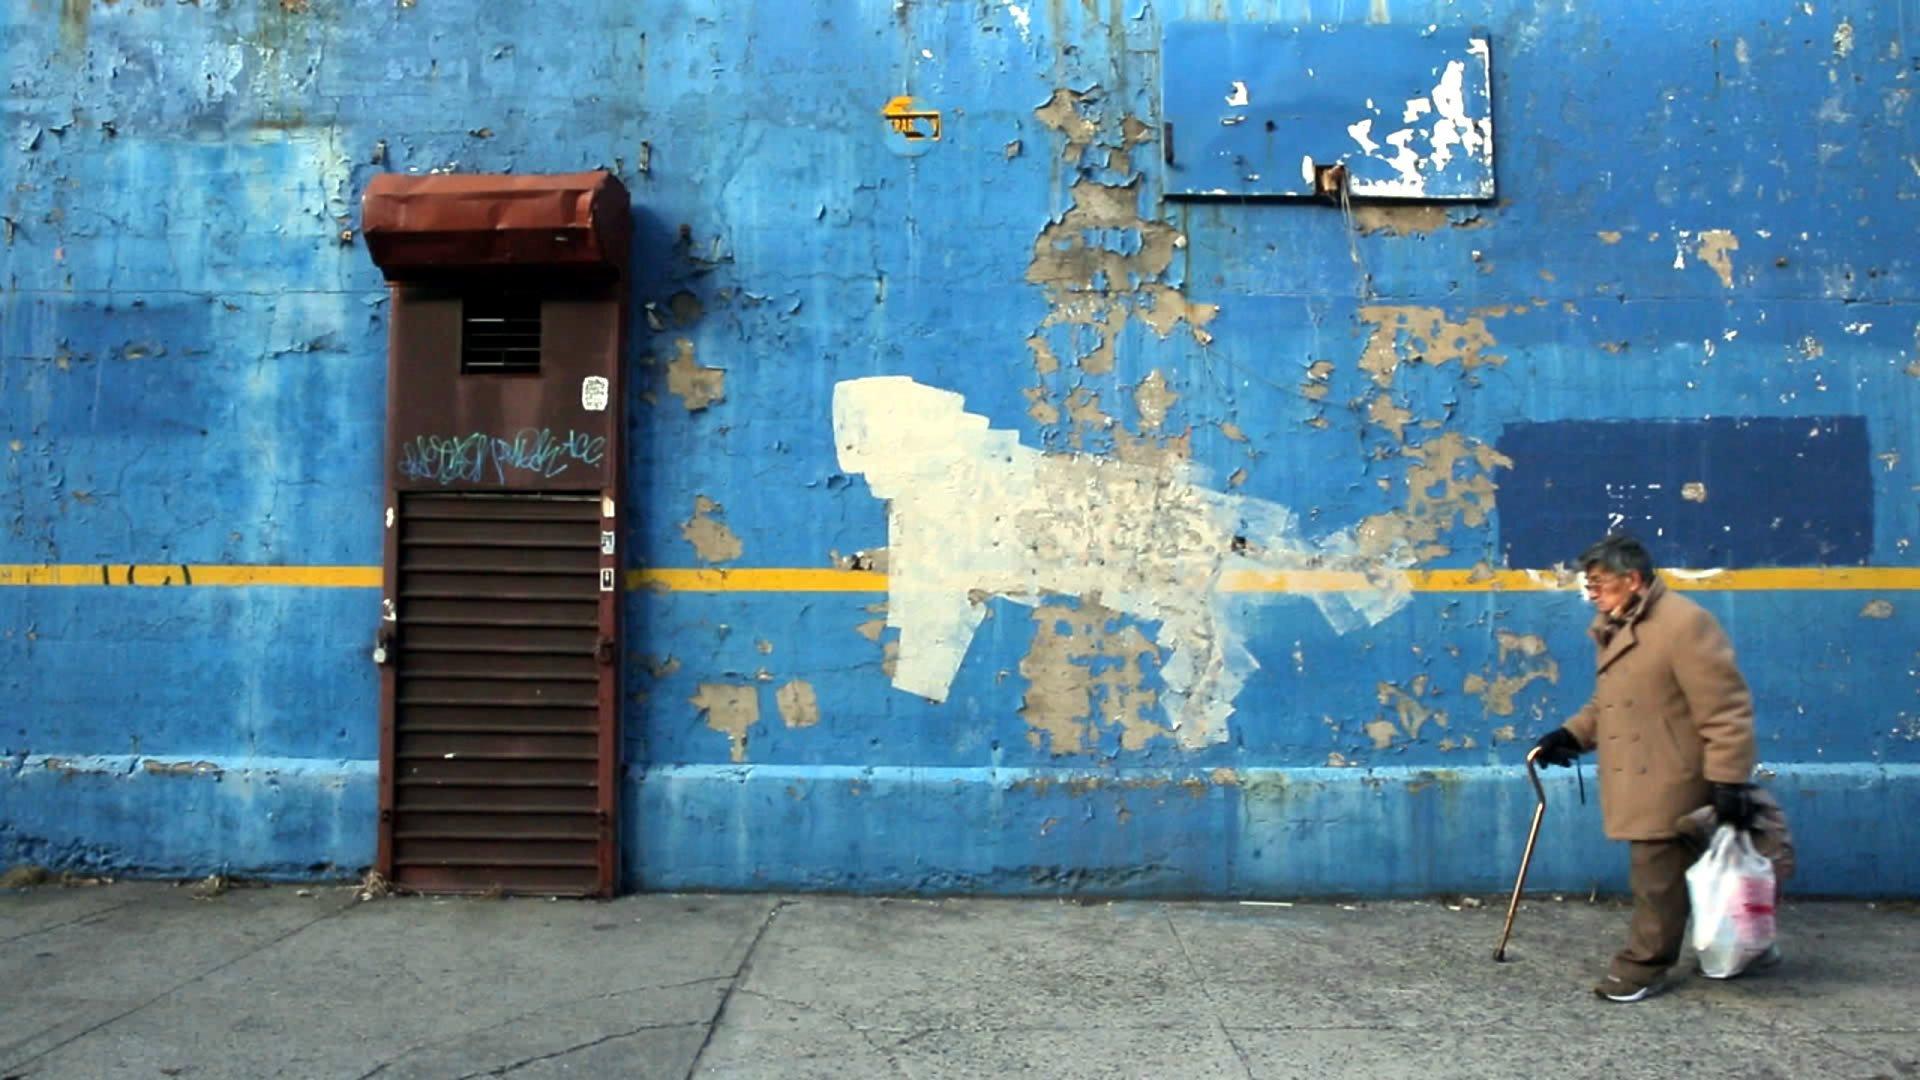 Бэнкси уделывает Нью-Йорк смотреть фото